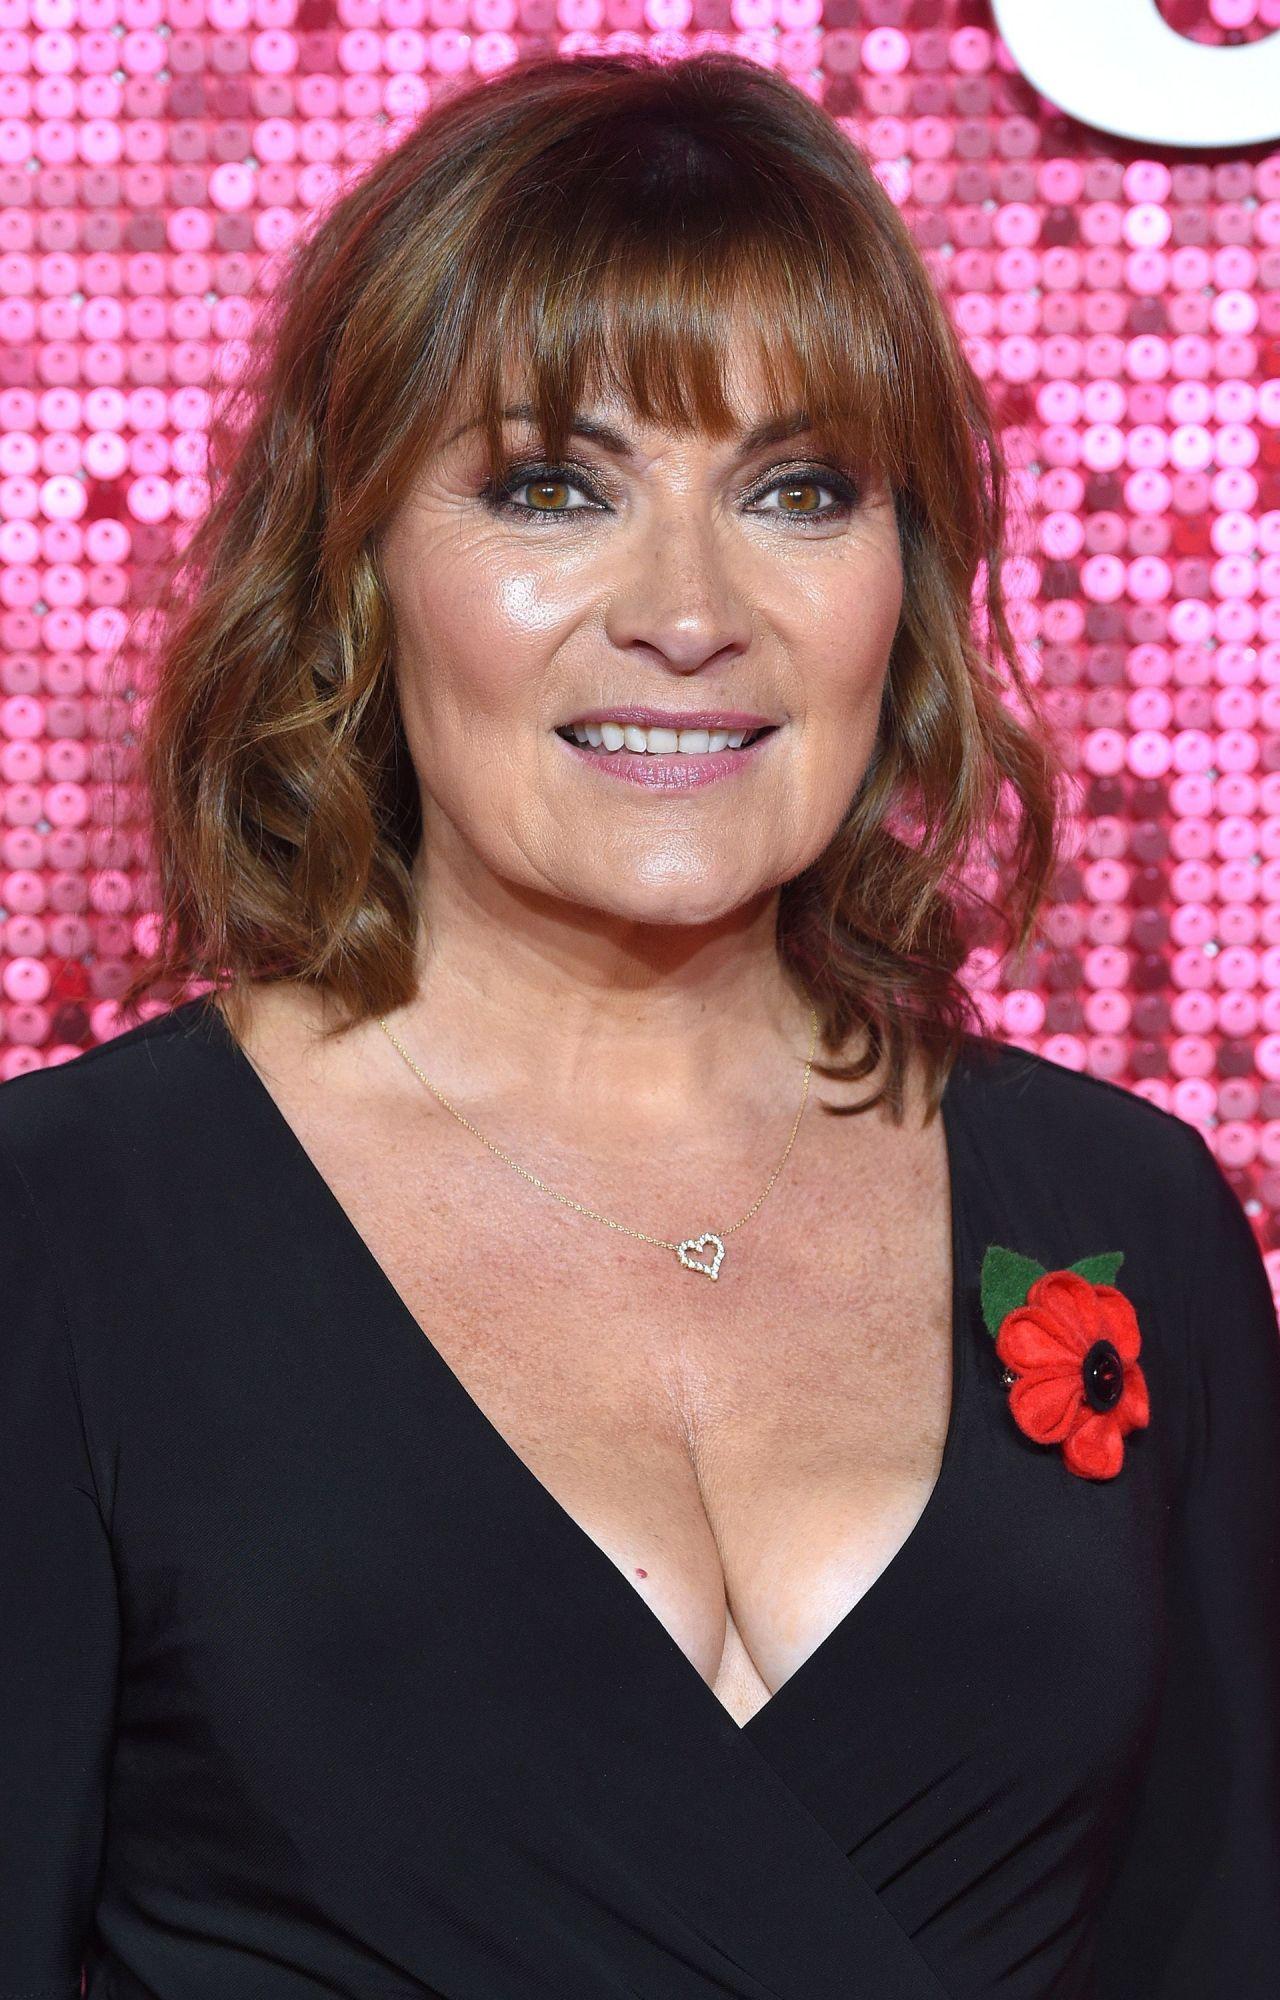 Lorraine Kelly Itv Gala Ball In London 11 09 2017